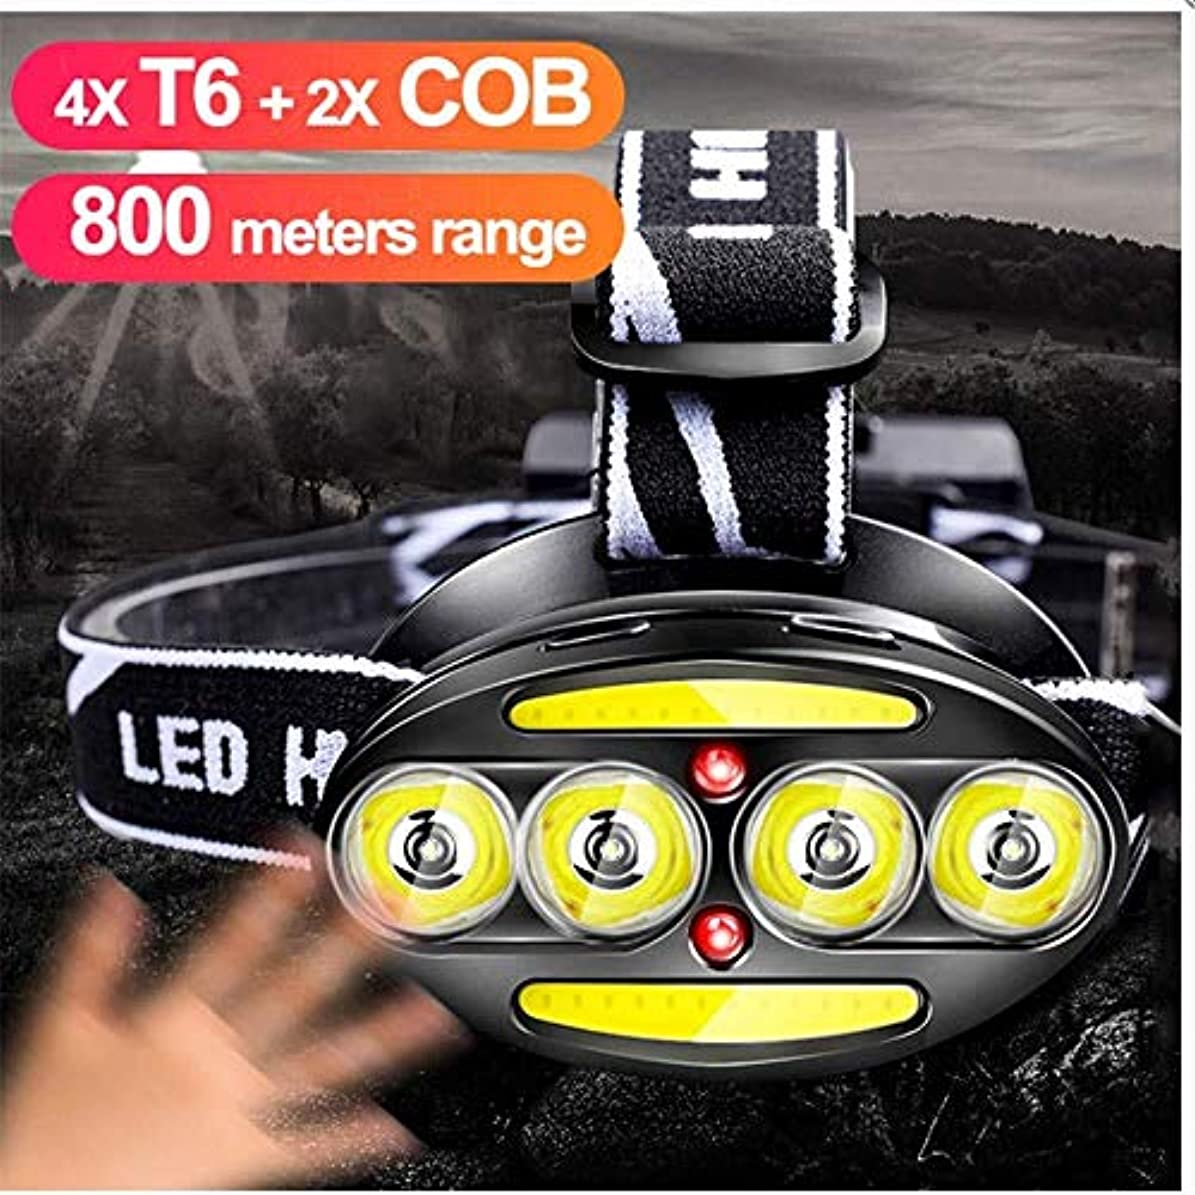 徴収欠かせないケント-LEDヘッドライトヘッドライトヘッドライトセンサー40000Lm 18650充電式懐中電灯の魚のヘッドライトランタン防水LED USB ヘッドライト